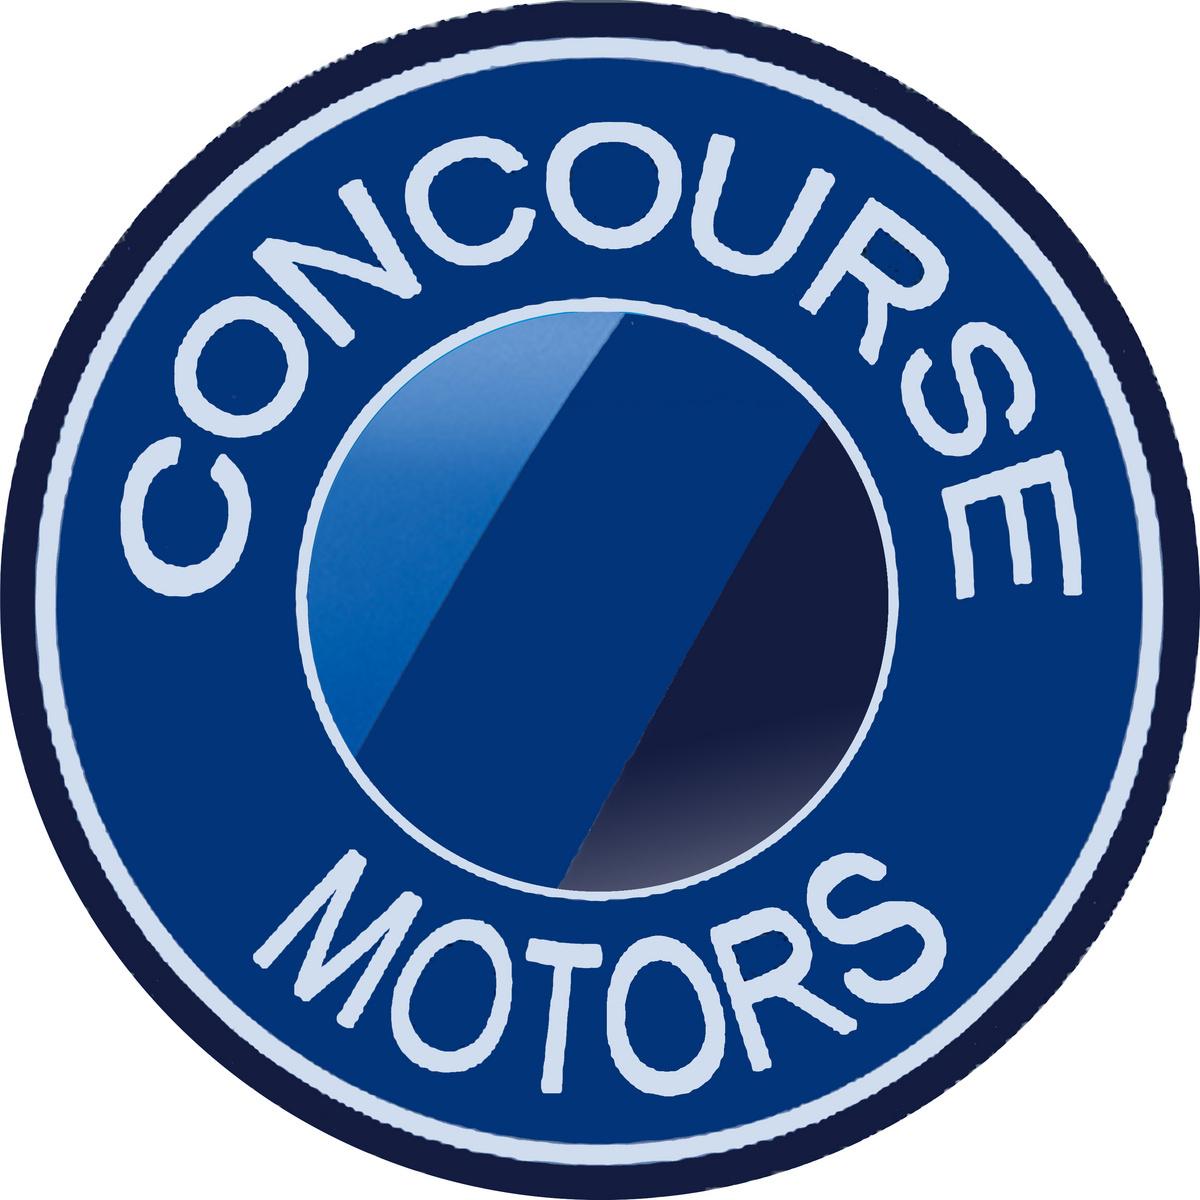 Concourse Motors San Antonio Tx Lee Evaluaciones De